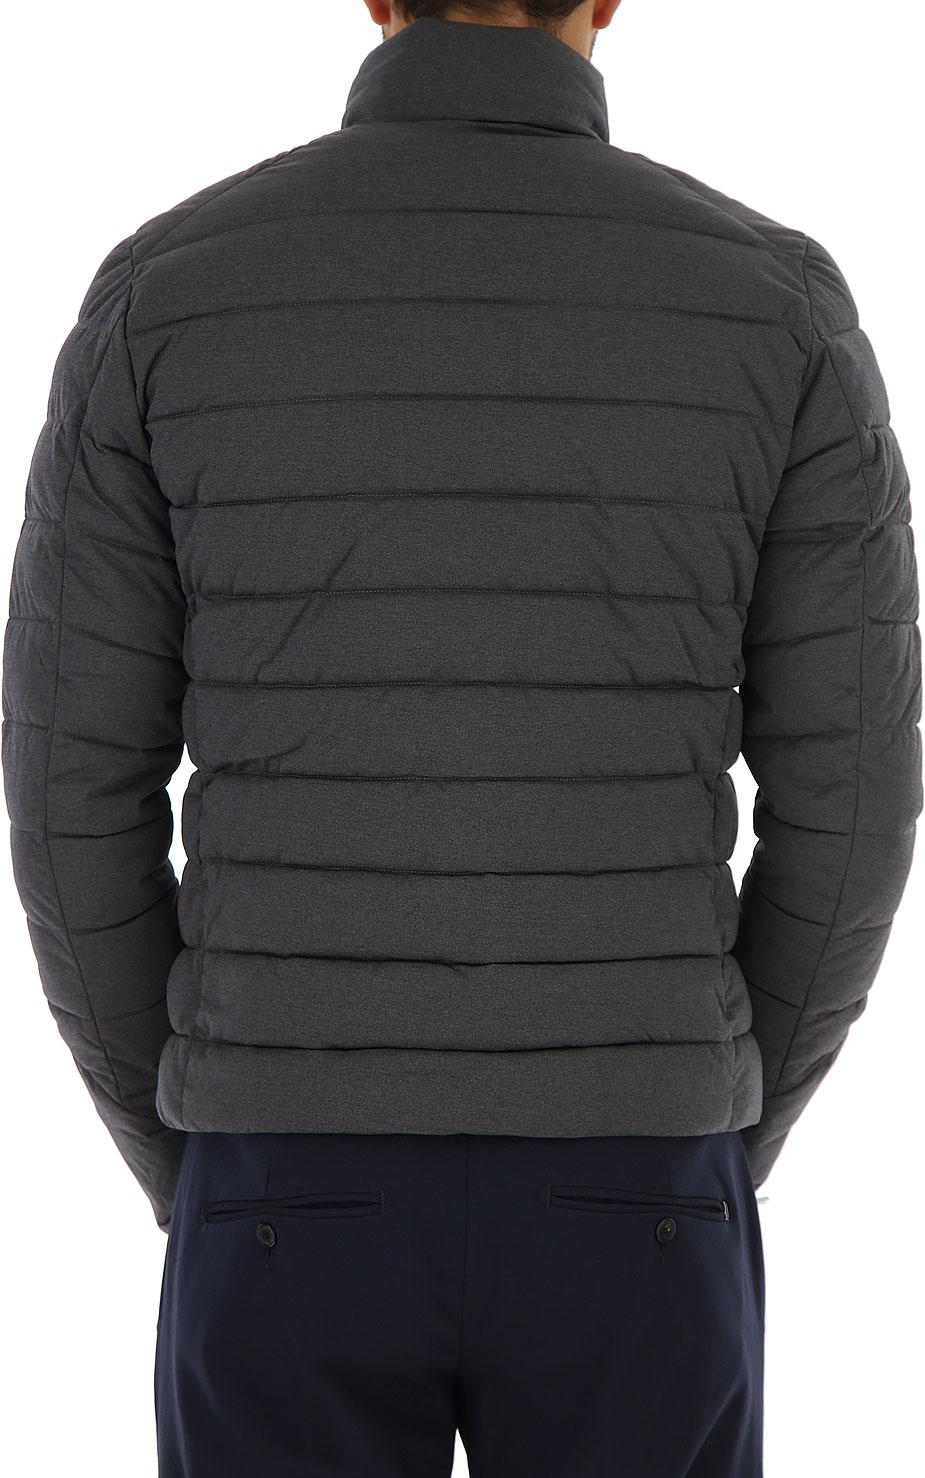 the Abbigliamento Save angy5 00670 Codice Uomo d3642m Duck Articolo 6xBT1qxE